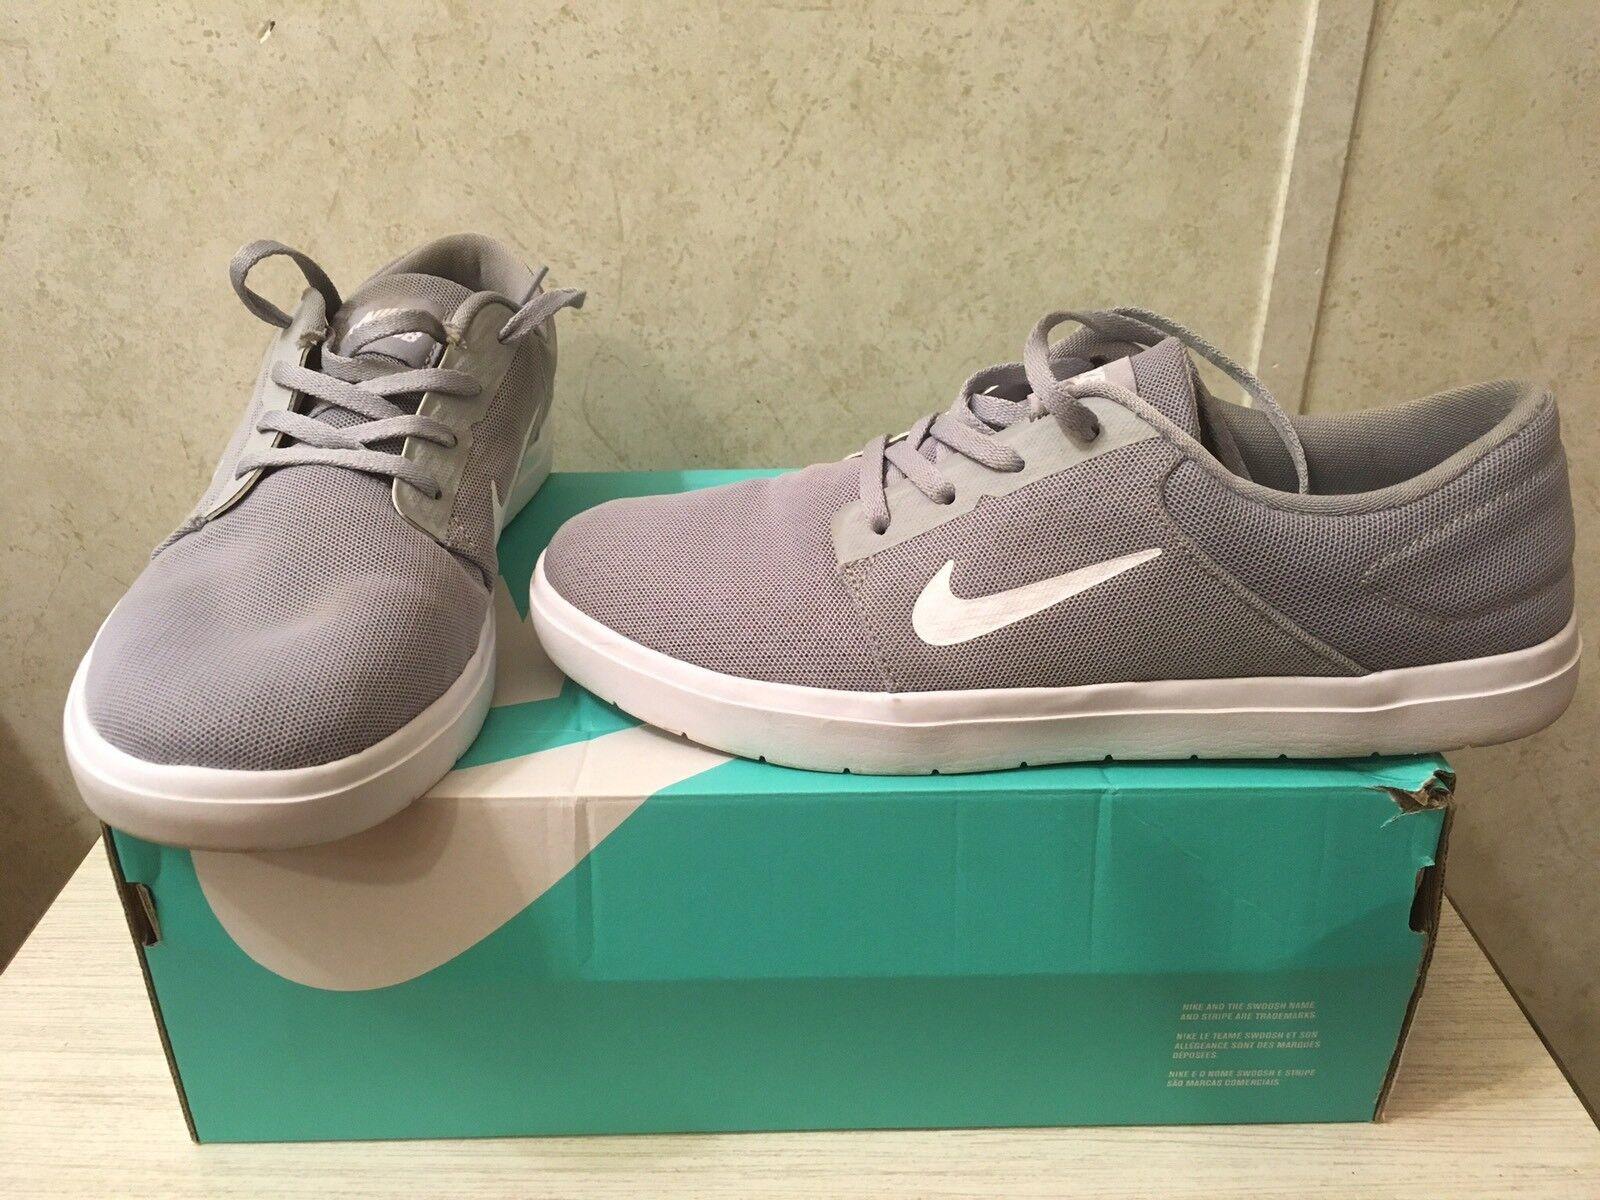 Nike sb portmore ultraleggeri scarpe lupo grigio e bianco bianco bianco fresco scarpe da skateboard dimensioni 8,5 | Buona reputazione a livello mondiale  4598a7